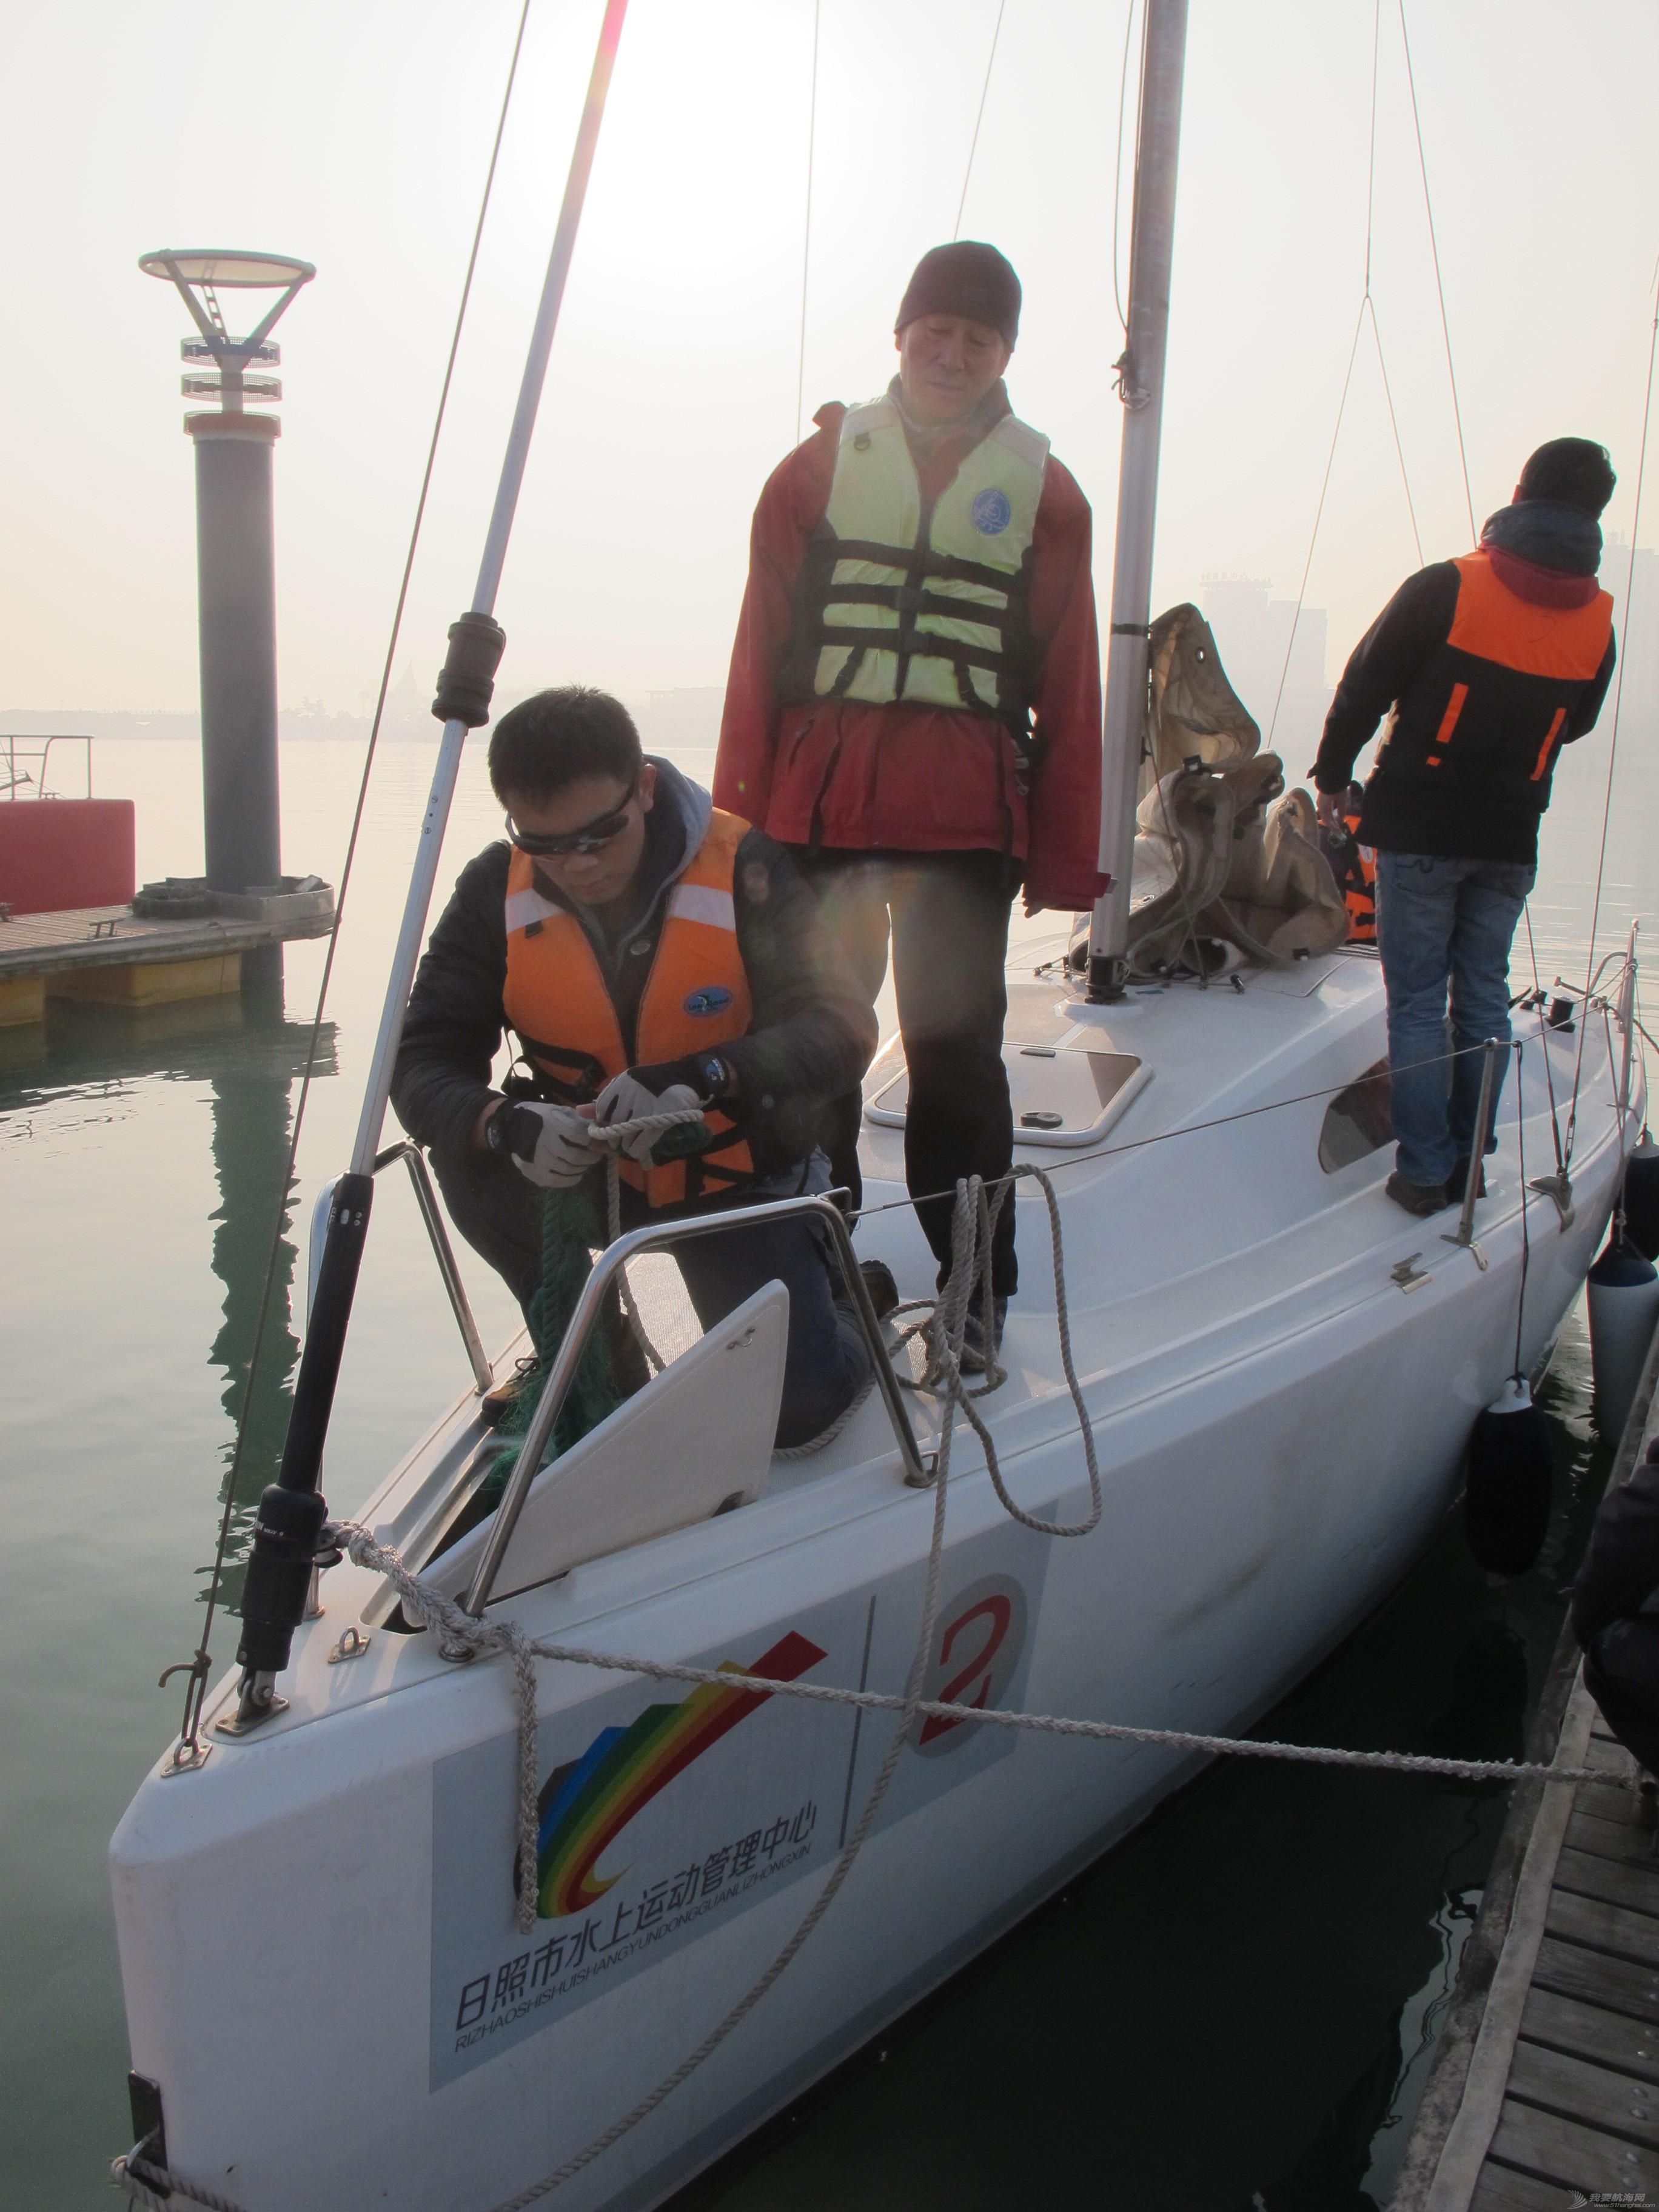 帆船 免费航海不是梦…我是十四期学员(我要去航海/全民公益航海帆船训练) IMG_7821.JPG